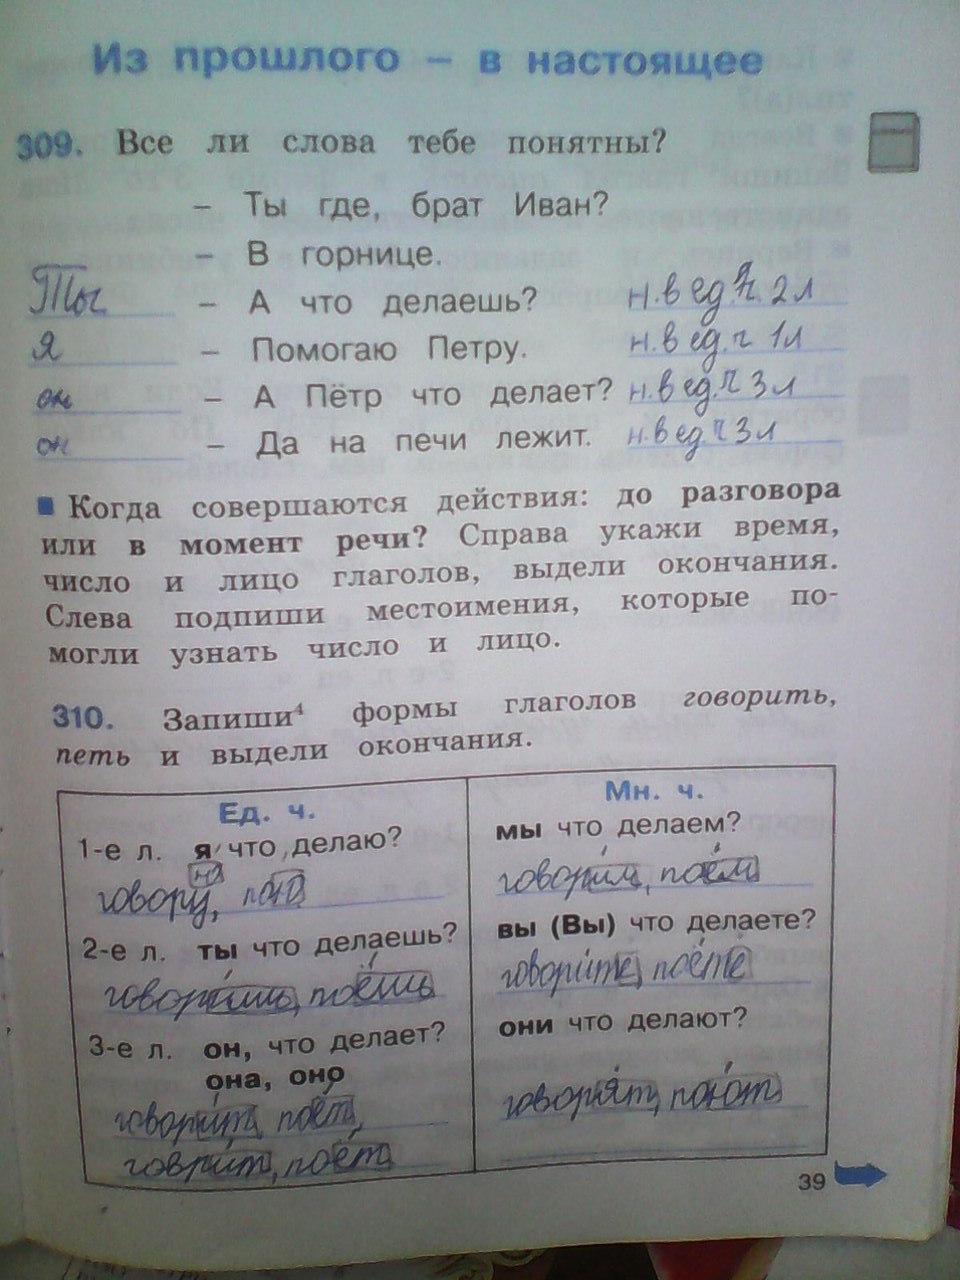 Гдз по русскому языку для 2 класса м.с.соловейчик упр.298 в рабочей тетради